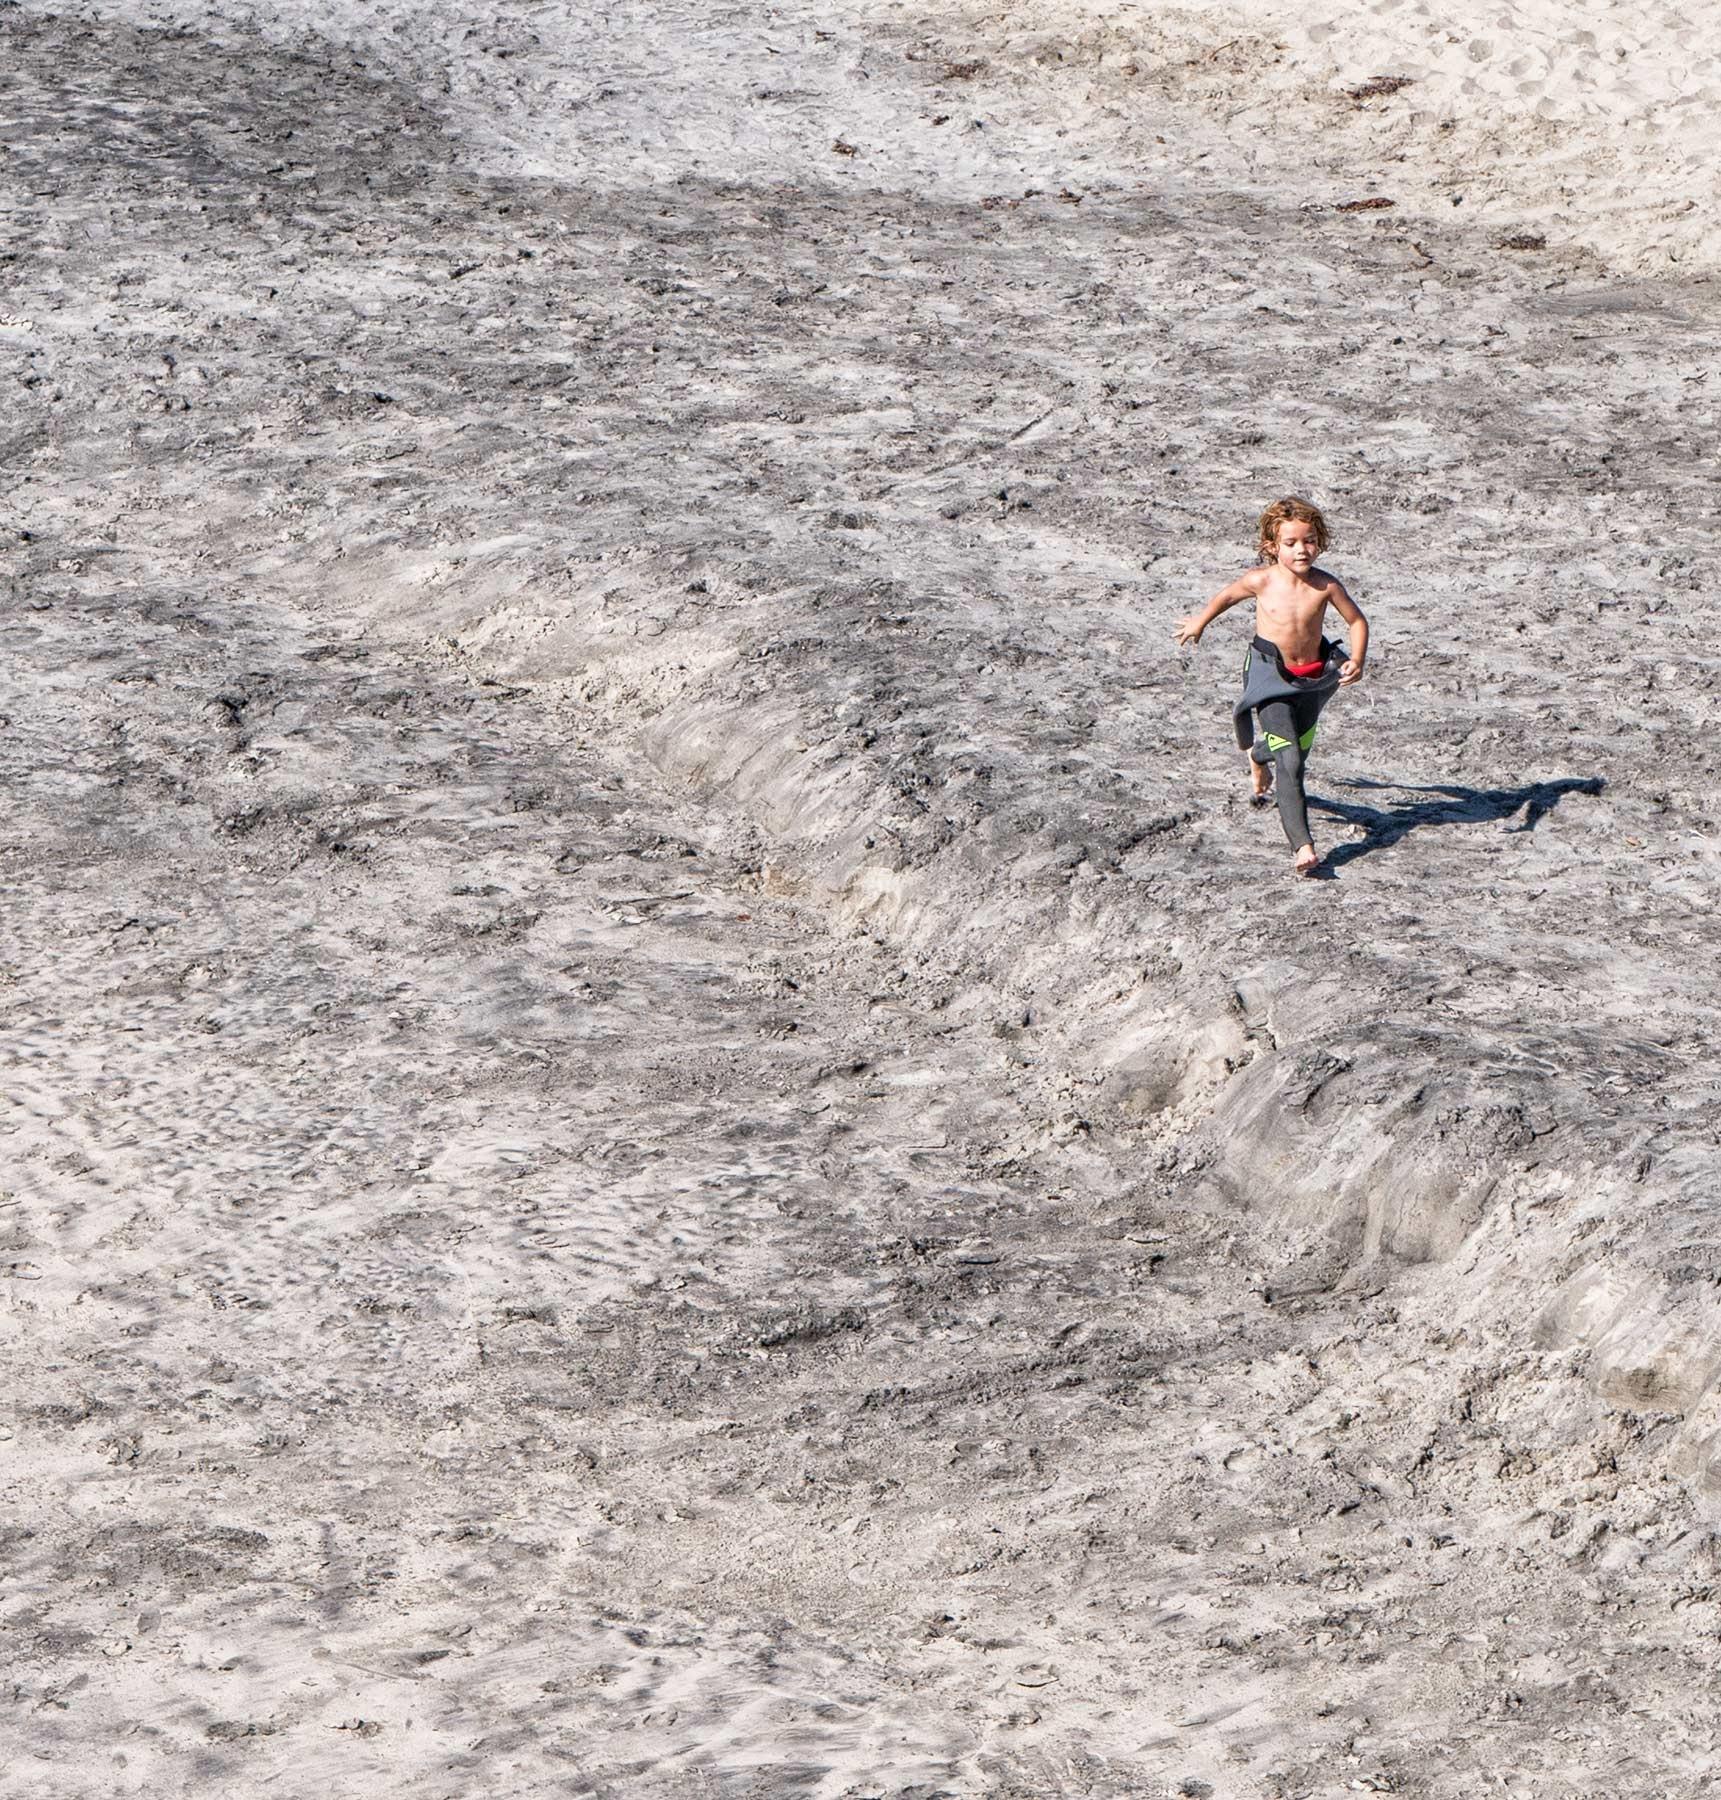 Surfside Runner by whitetigertom